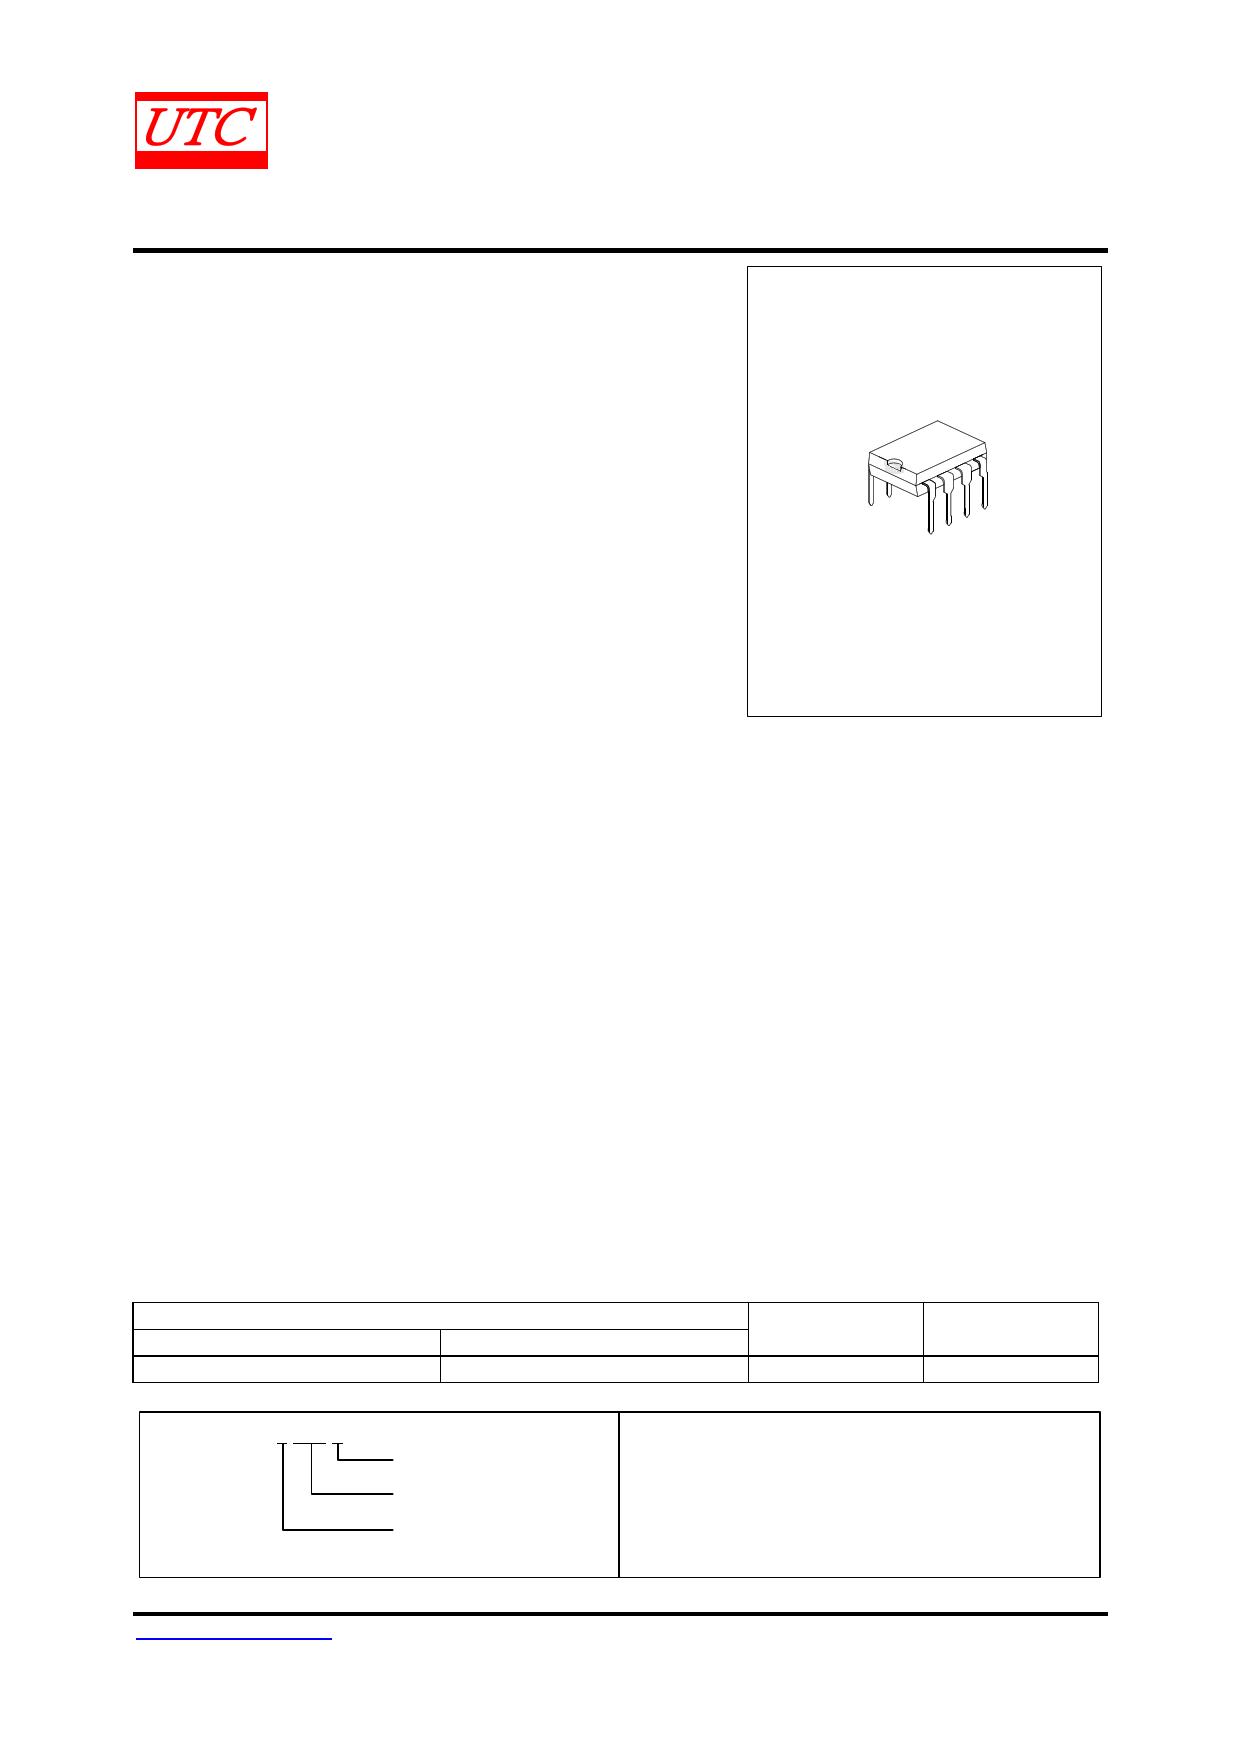 US3702 datasheet